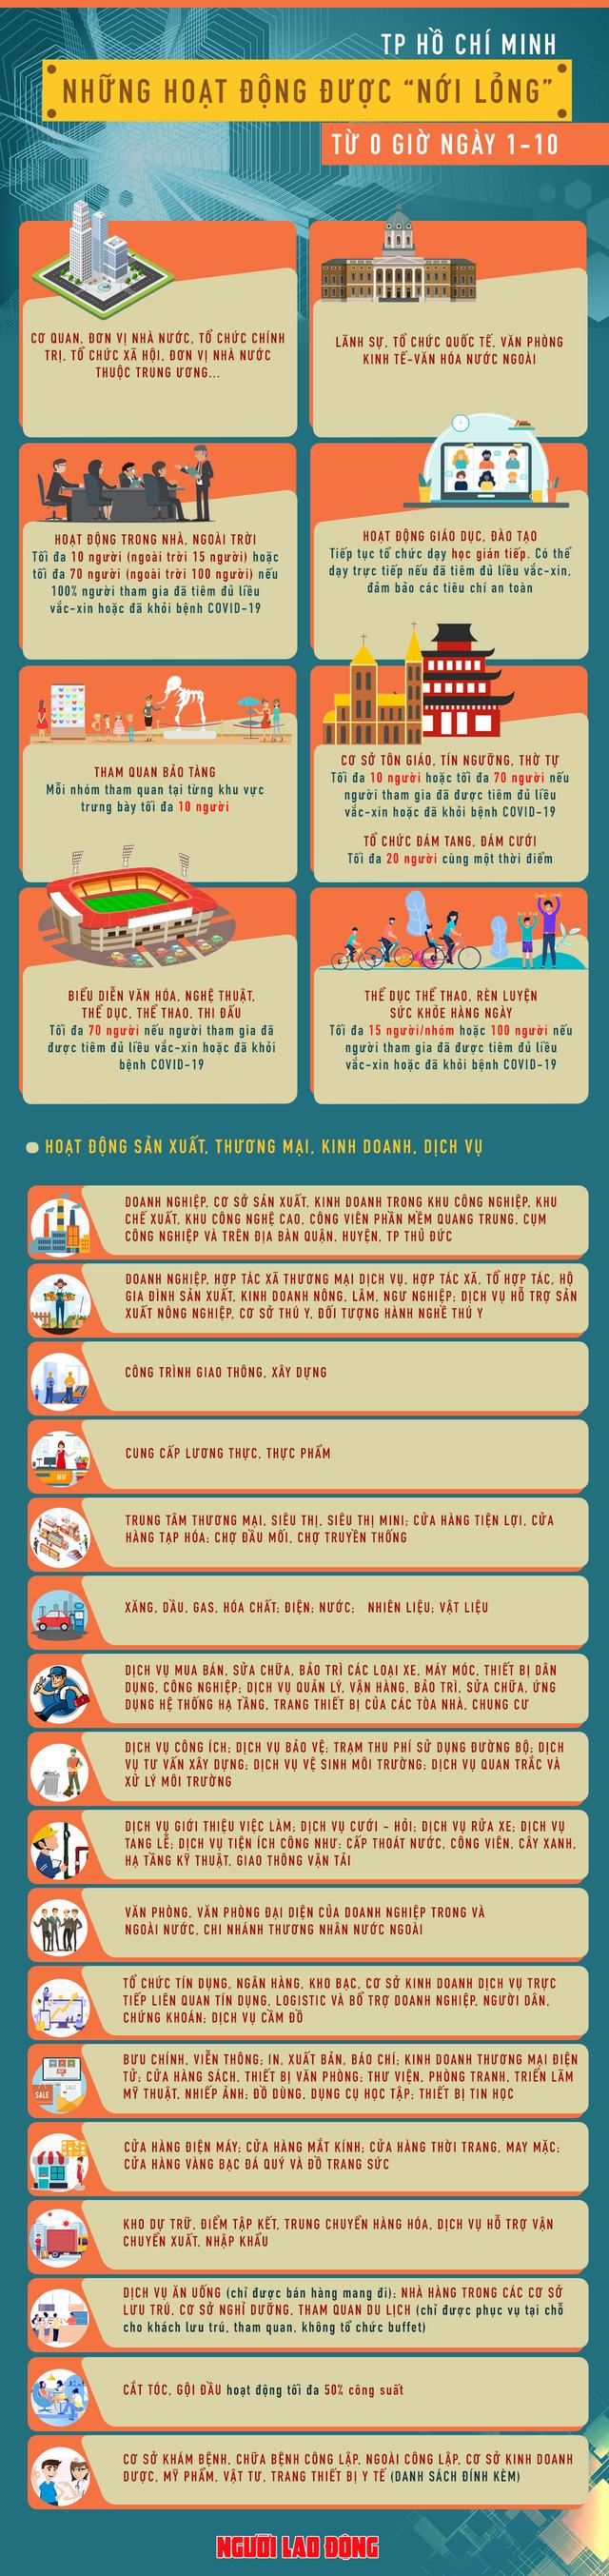 [Infographic] TP HCM: Những hoạt động được nới lỏng từ ngày 1-10  - Ảnh 1.